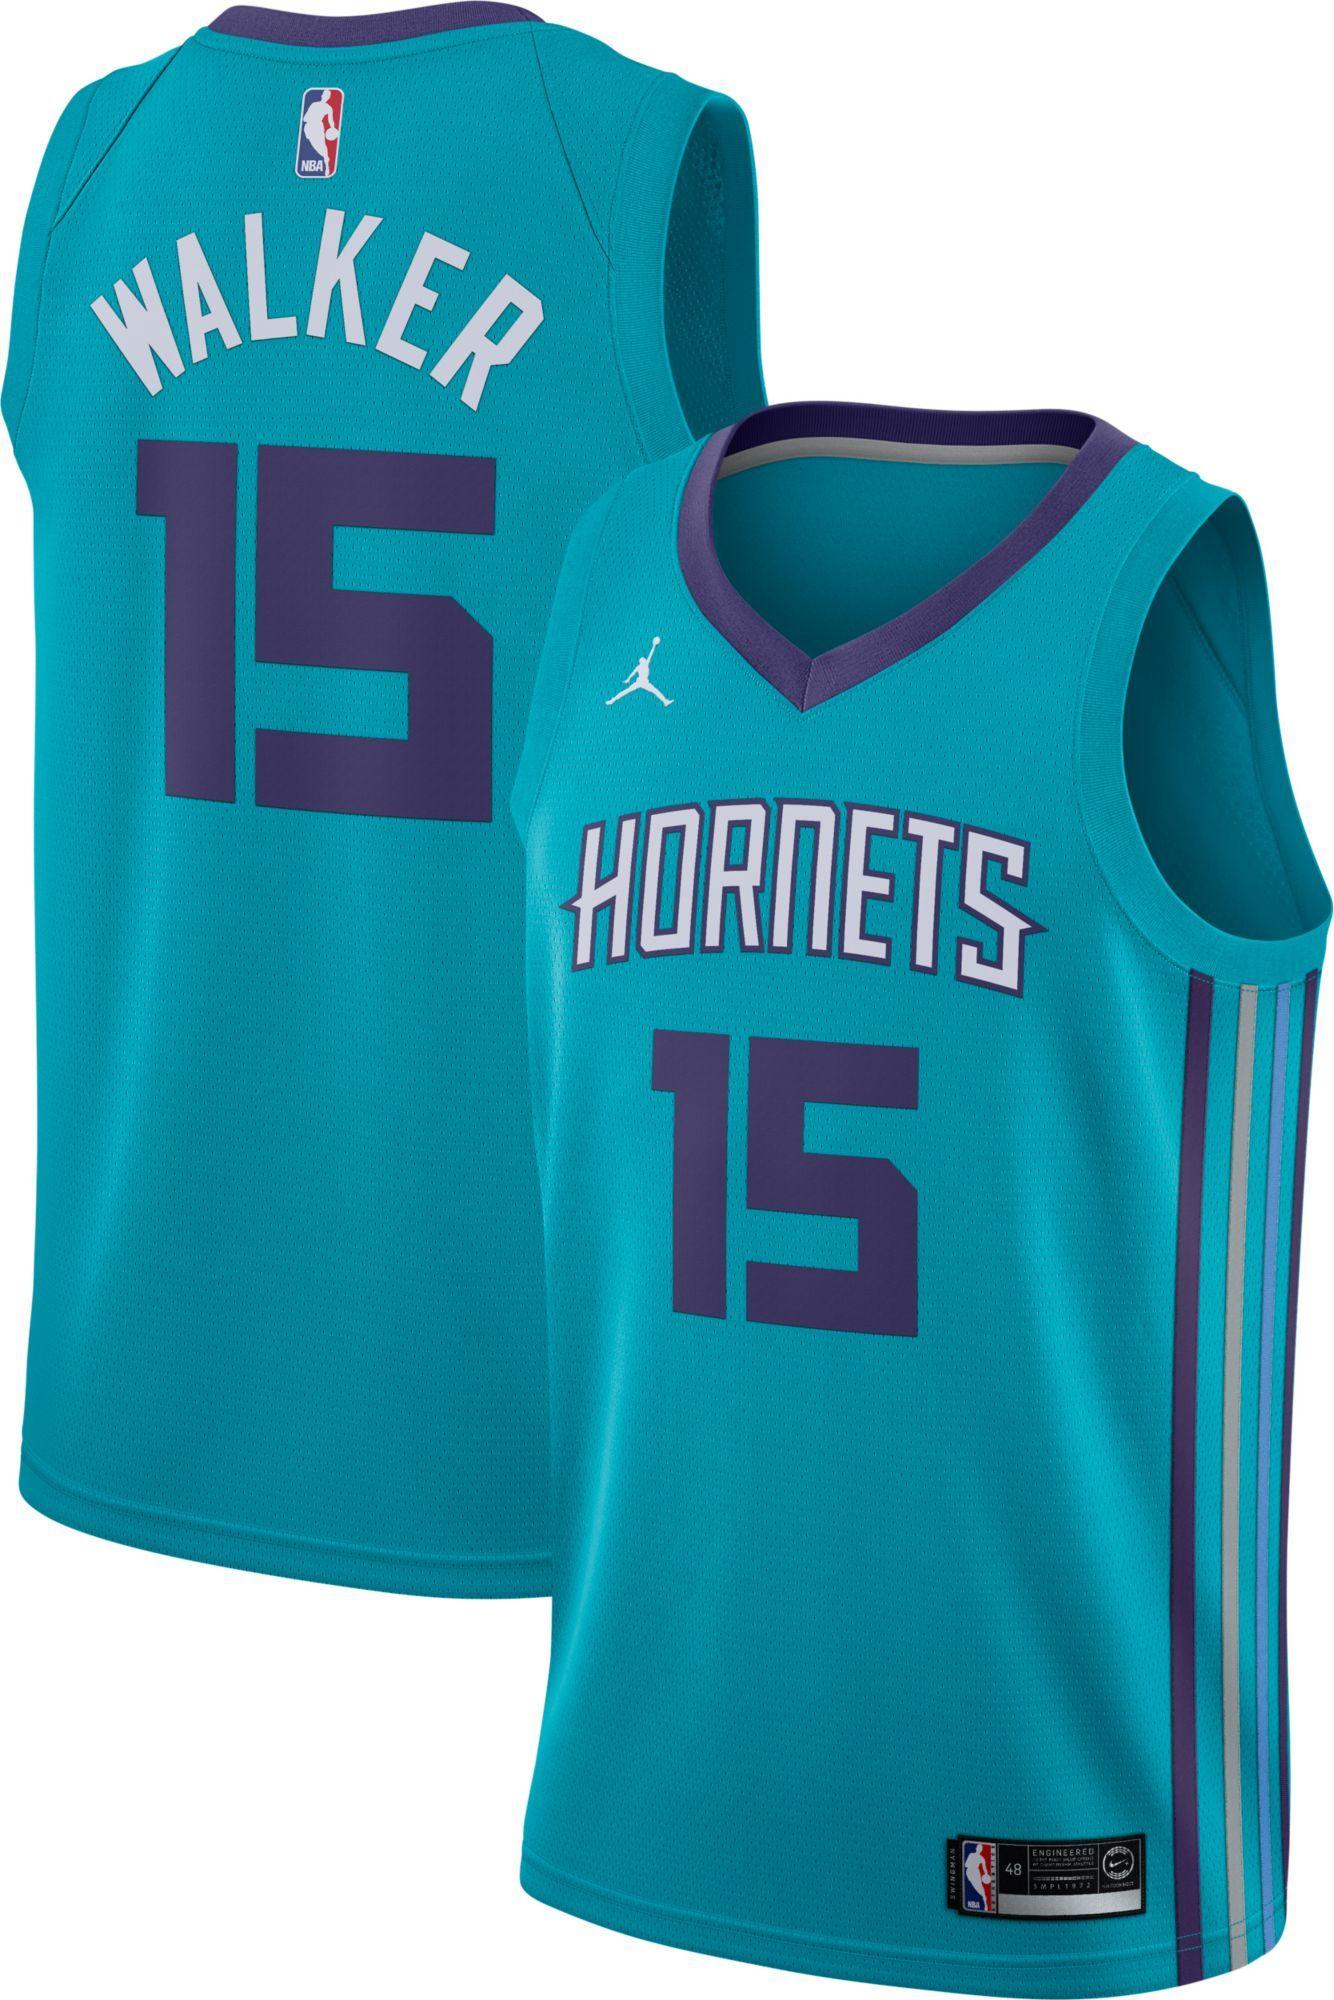 Charlotte Hornets #15 Kemba Walker ALL STAR Swingman Jersey